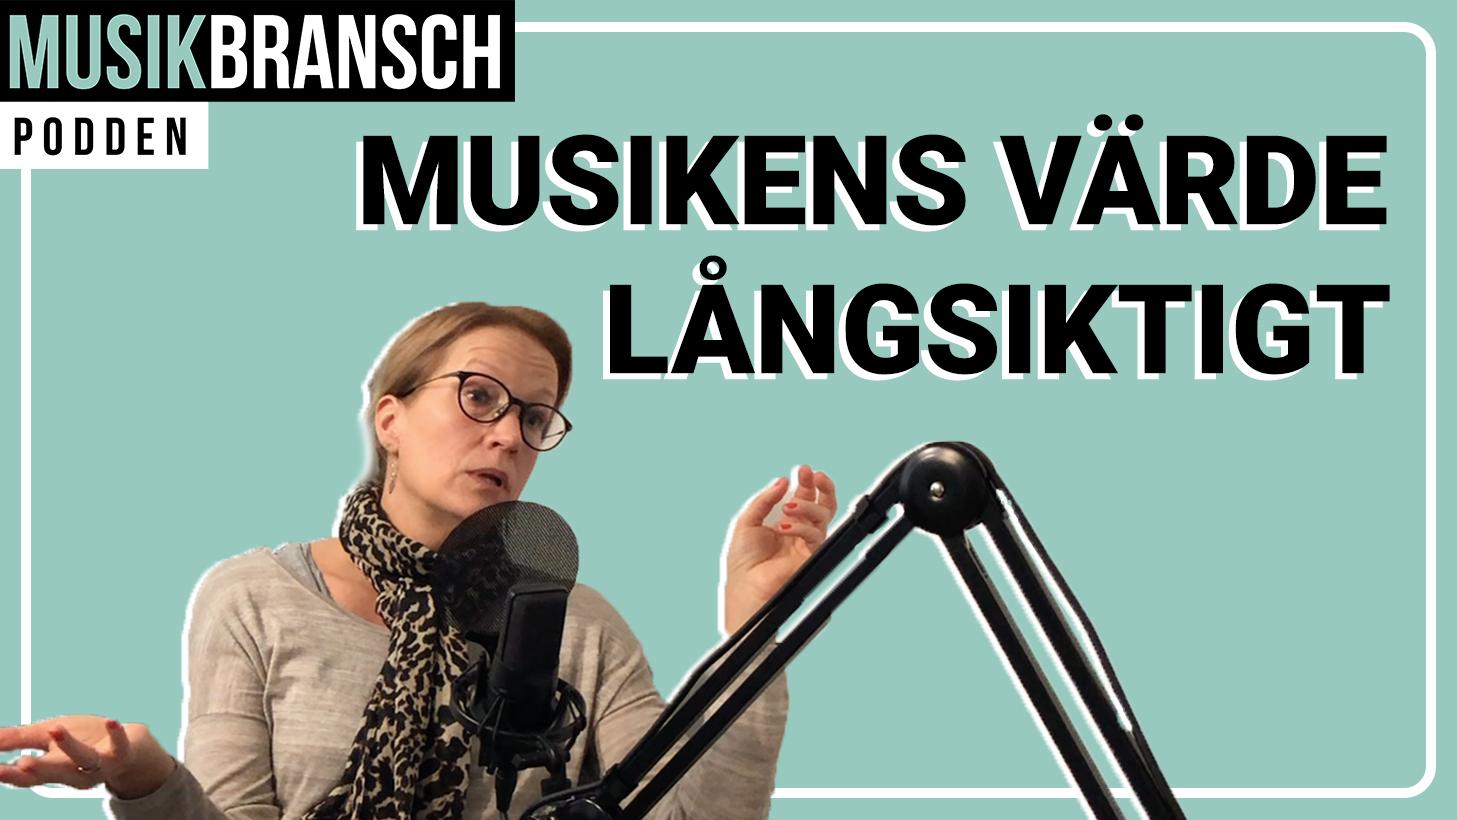 Musikens långsiktiga värde - Eva Karman Reinhold